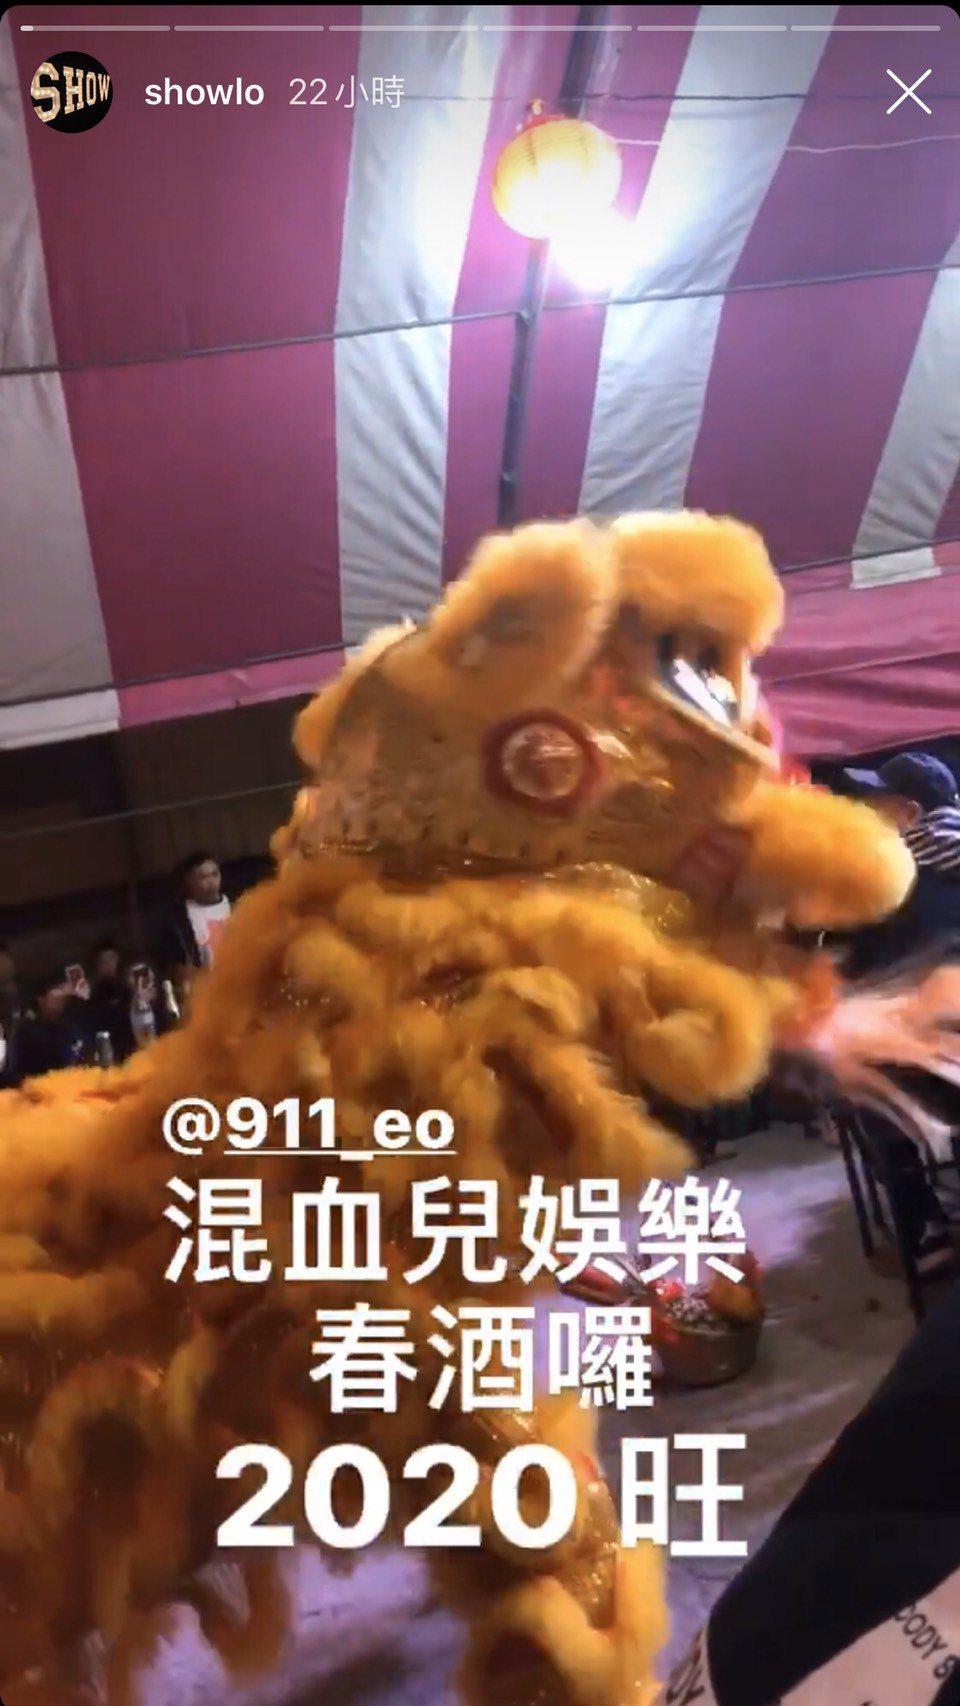 「小豬」羅志祥也透過限動分享現場熱鬧氣氛。圖/摘自IG